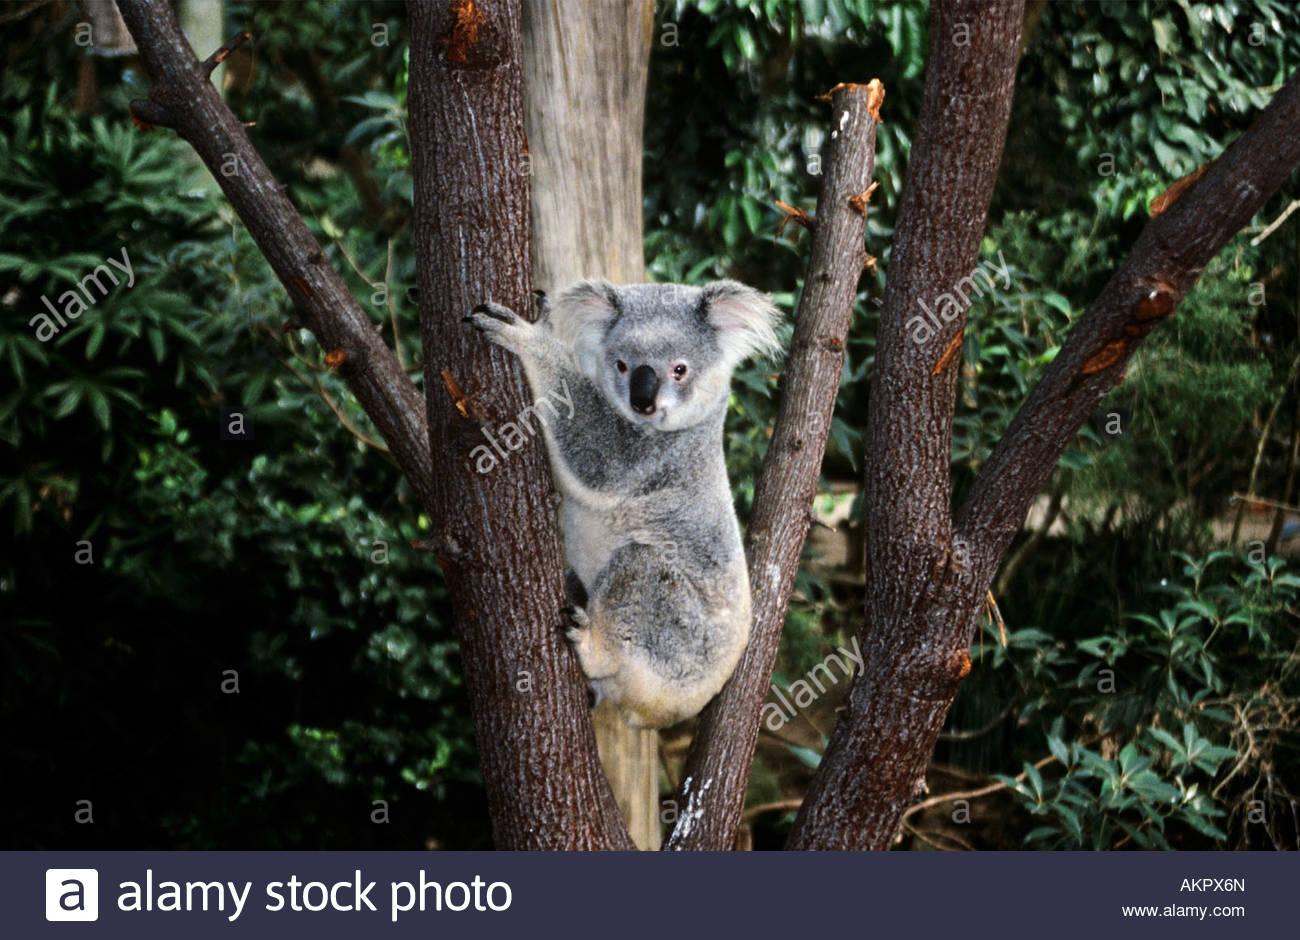 koala bear climbing a tree stock photo royalty free image